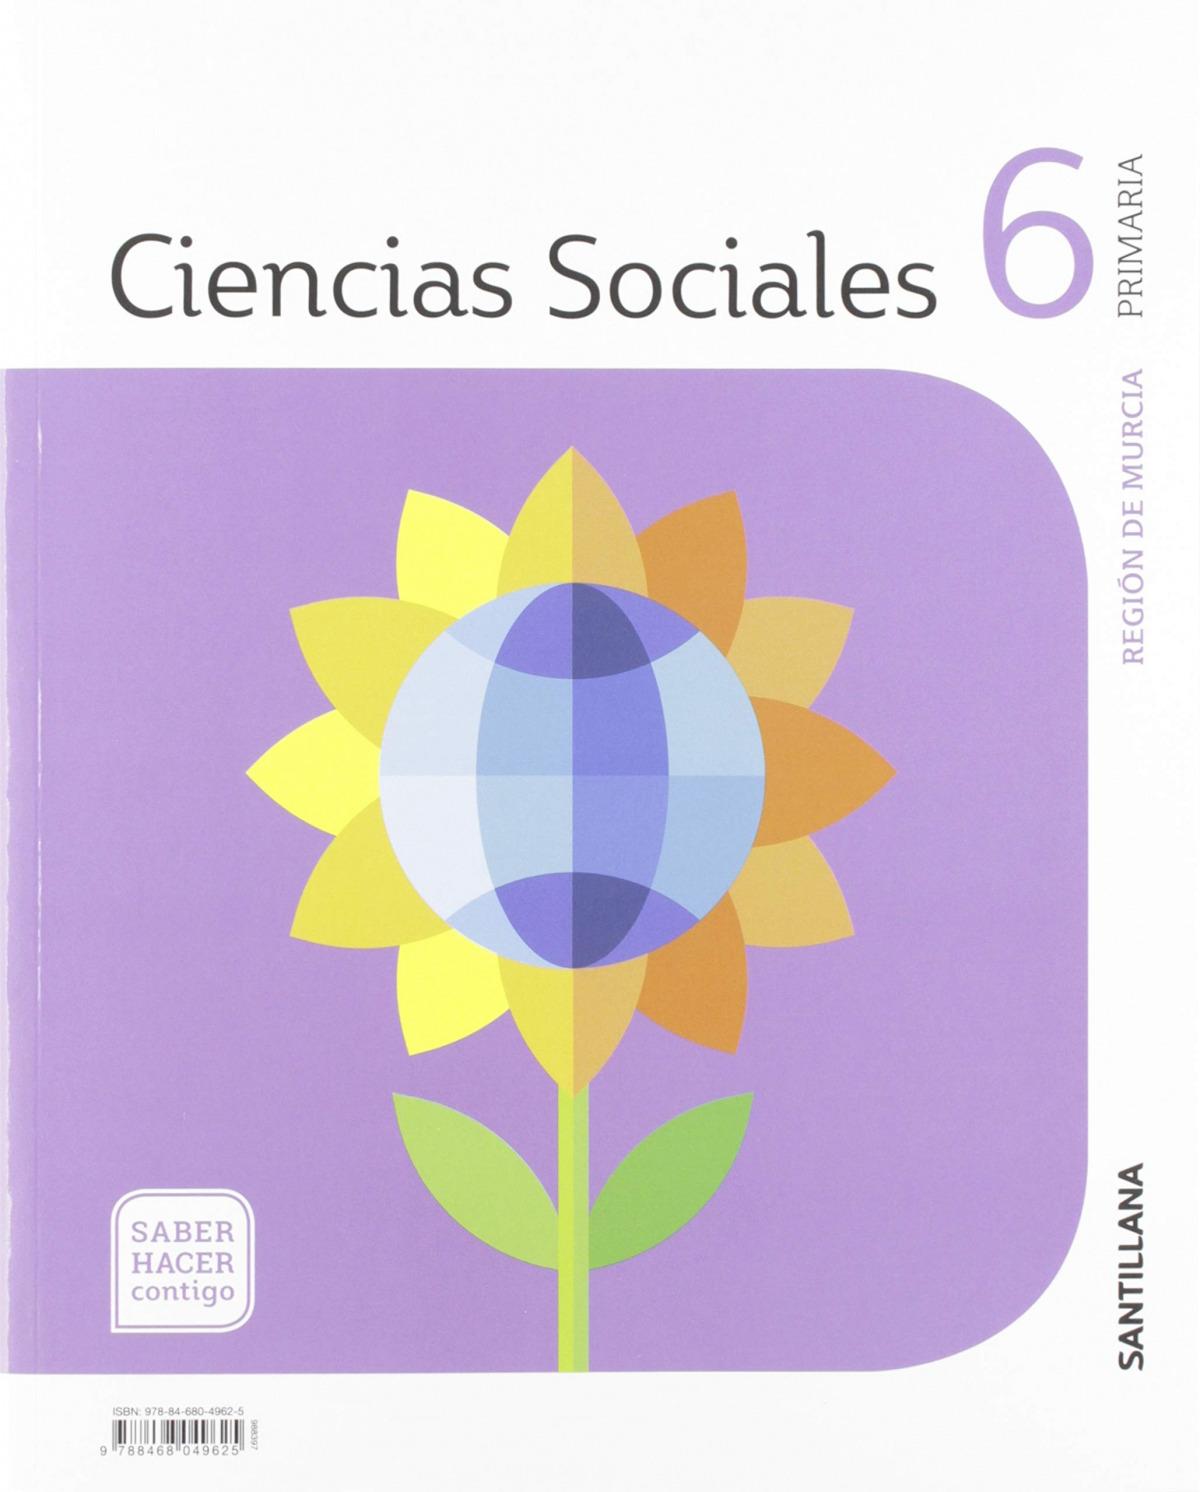 CIENCIAS SOCIALES MURCIA 6 PRIMARIASABER HACER CONTIGO ED19 9788468049625